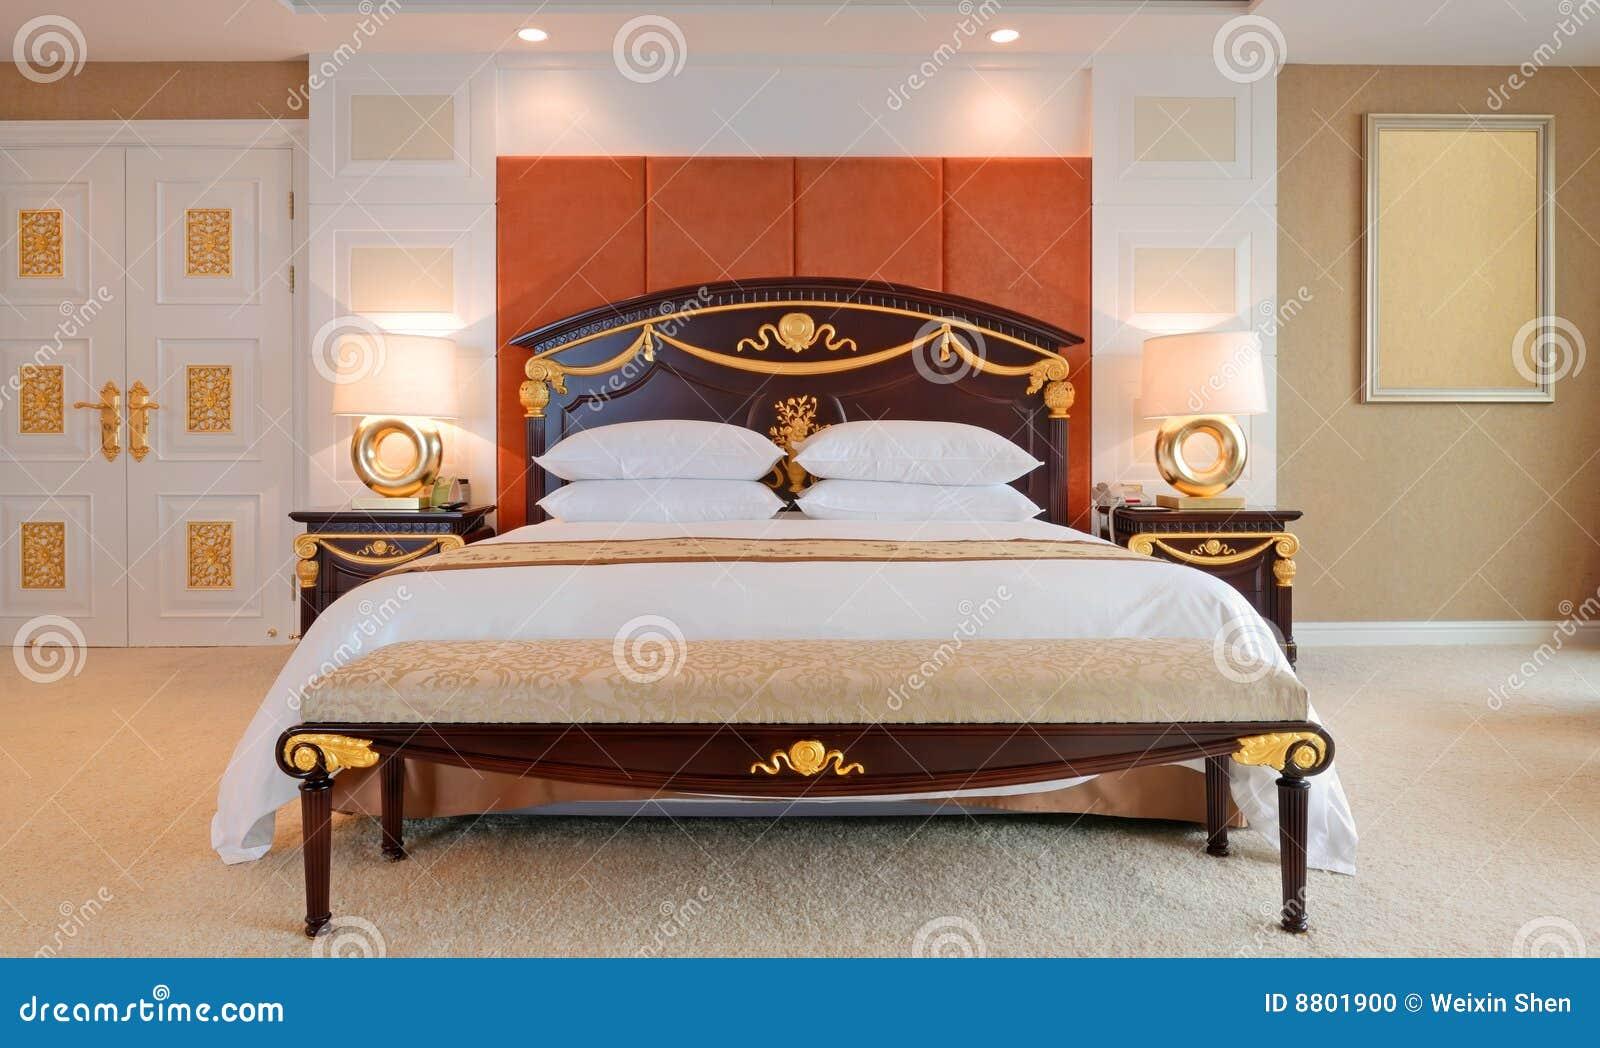 Letti Di Lusso Prezzi : Camera da letto della serie di lusso in hotel fotografia stock